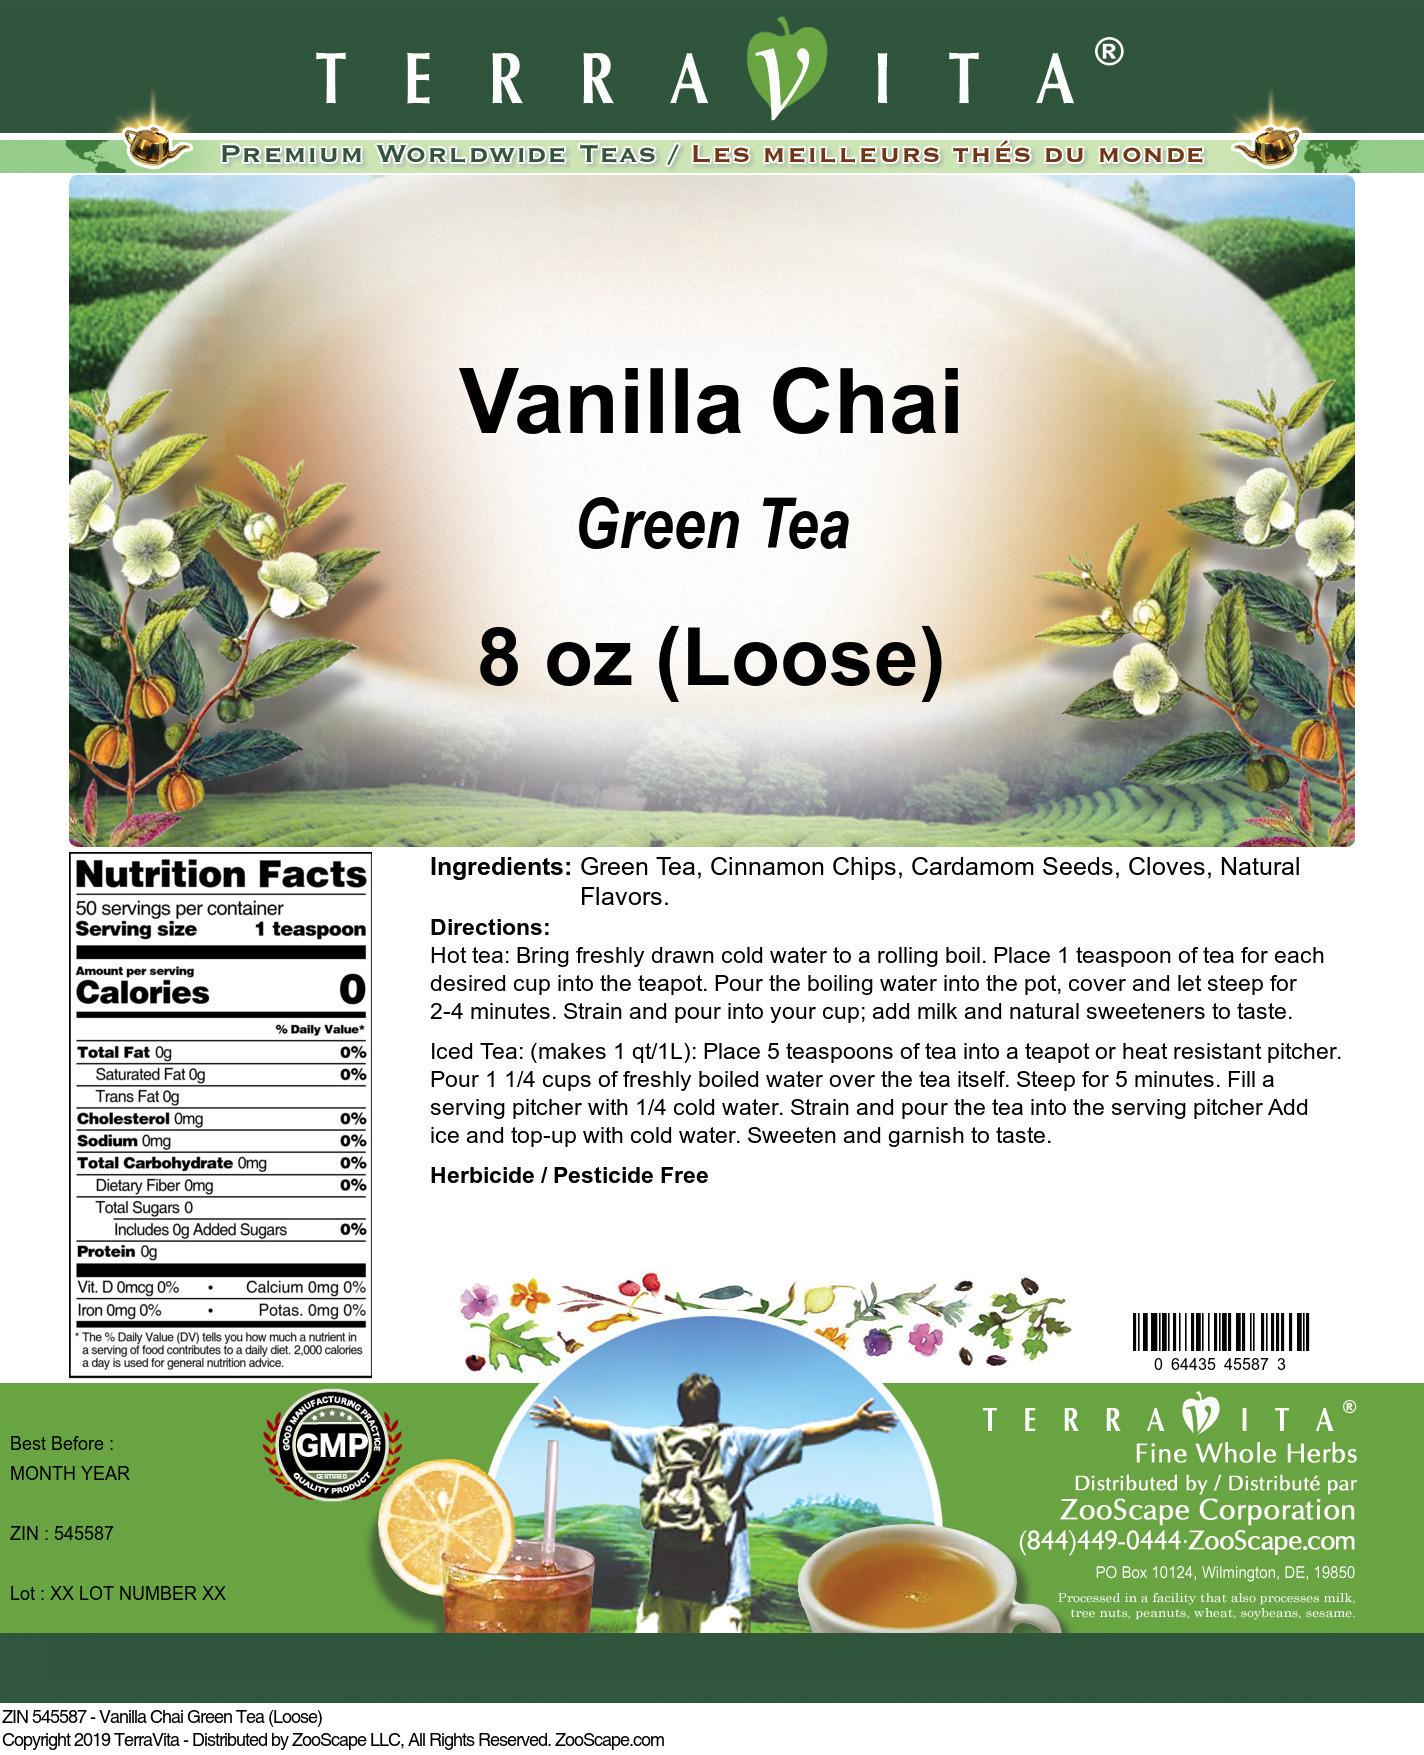 Vanilla Chai Green Tea